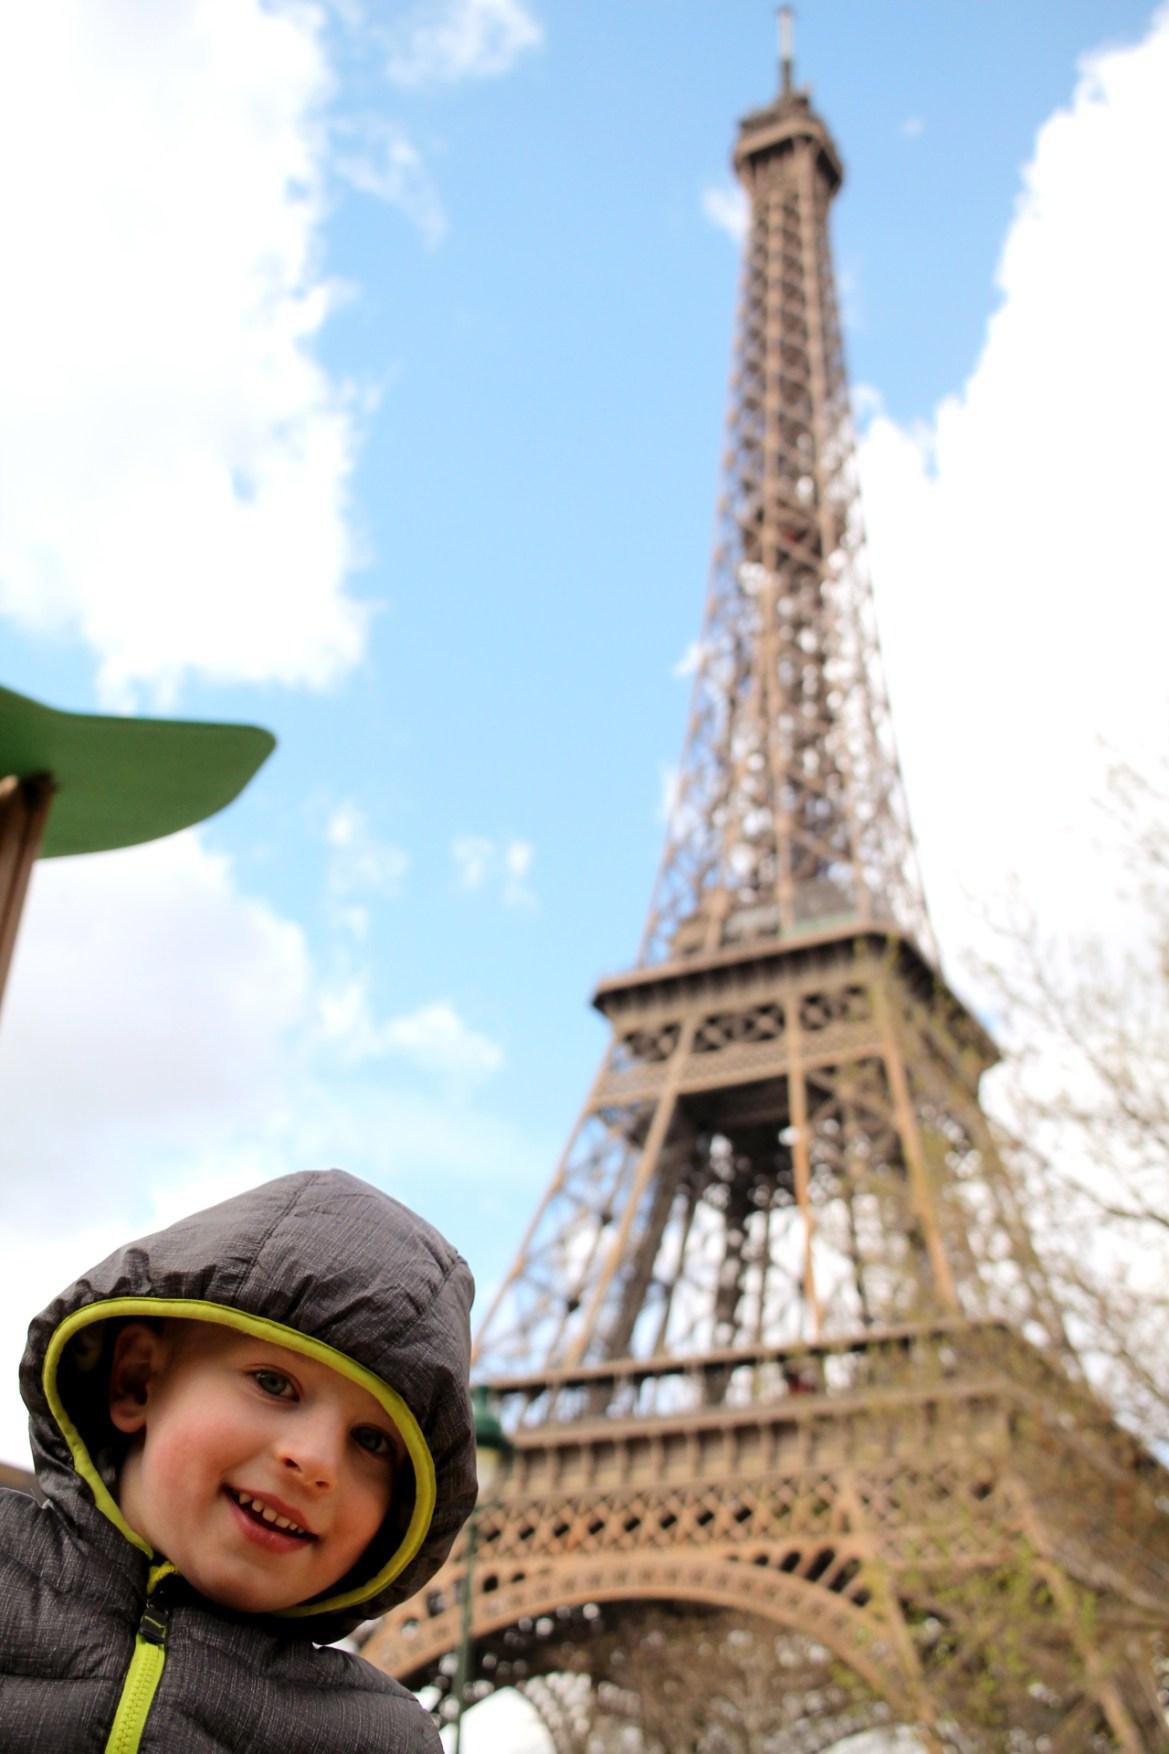 paris france eiffel tower playground kids